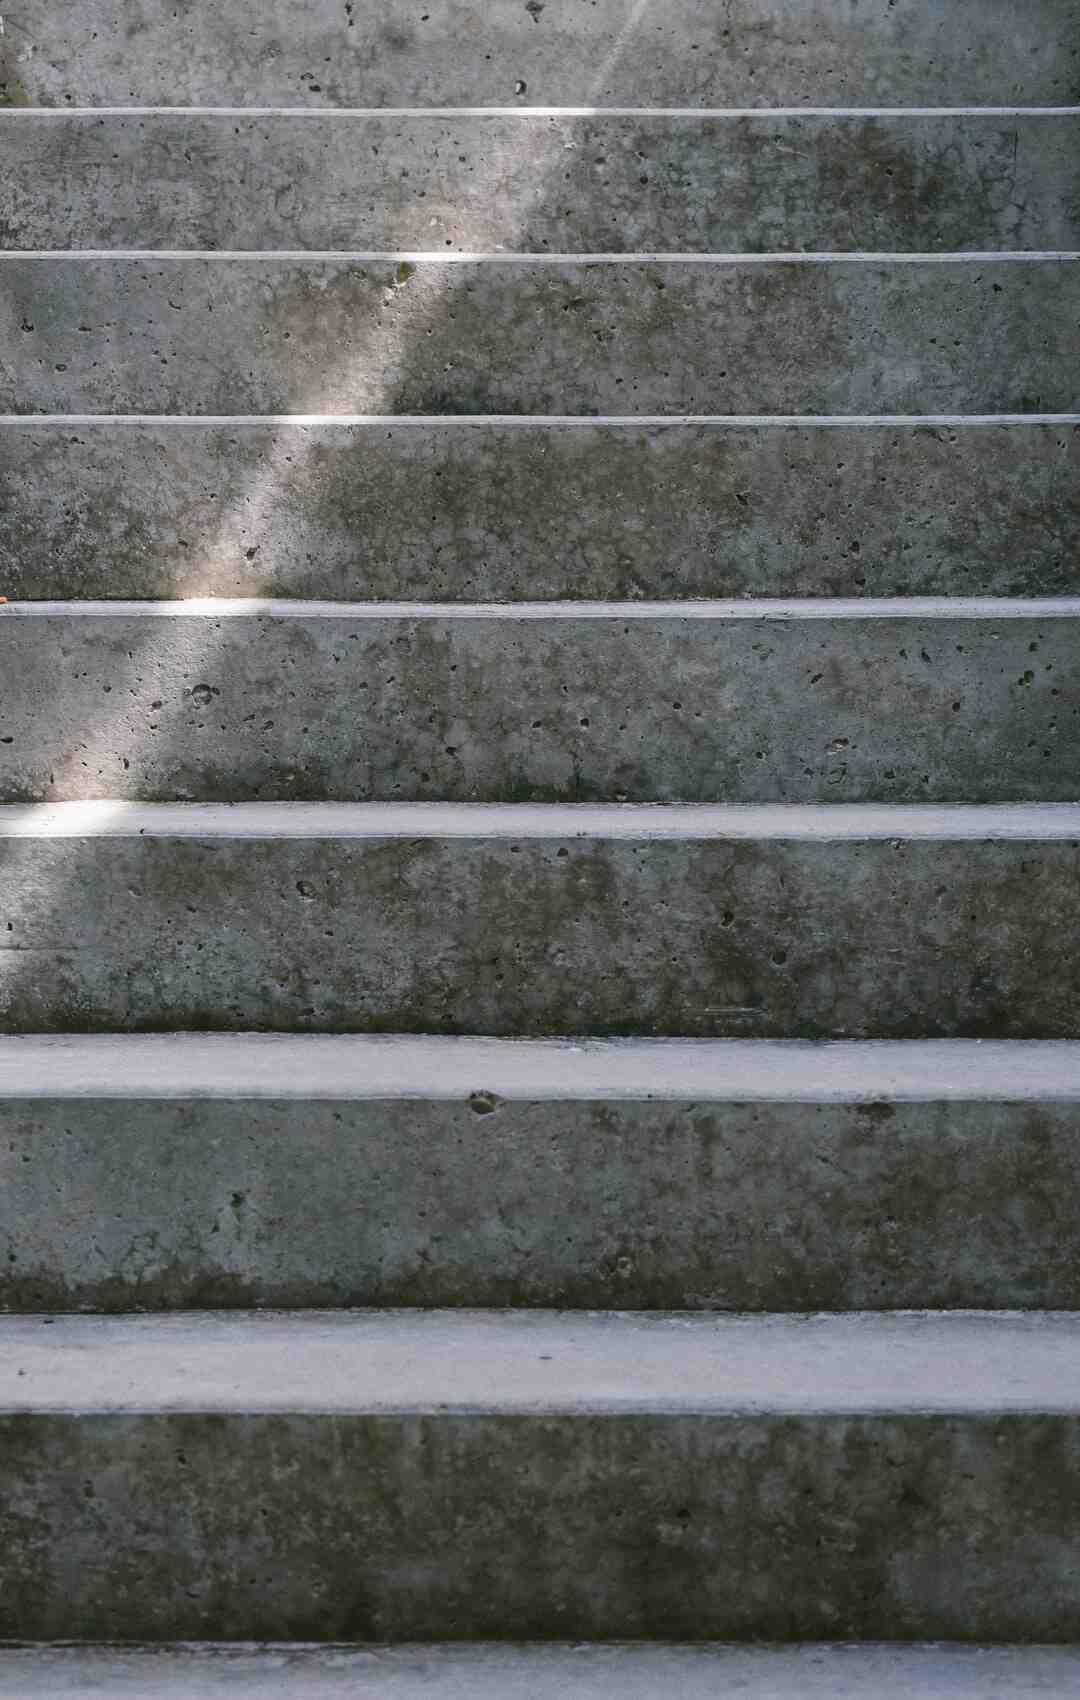 Comment calculer le giron d'un escalier ?